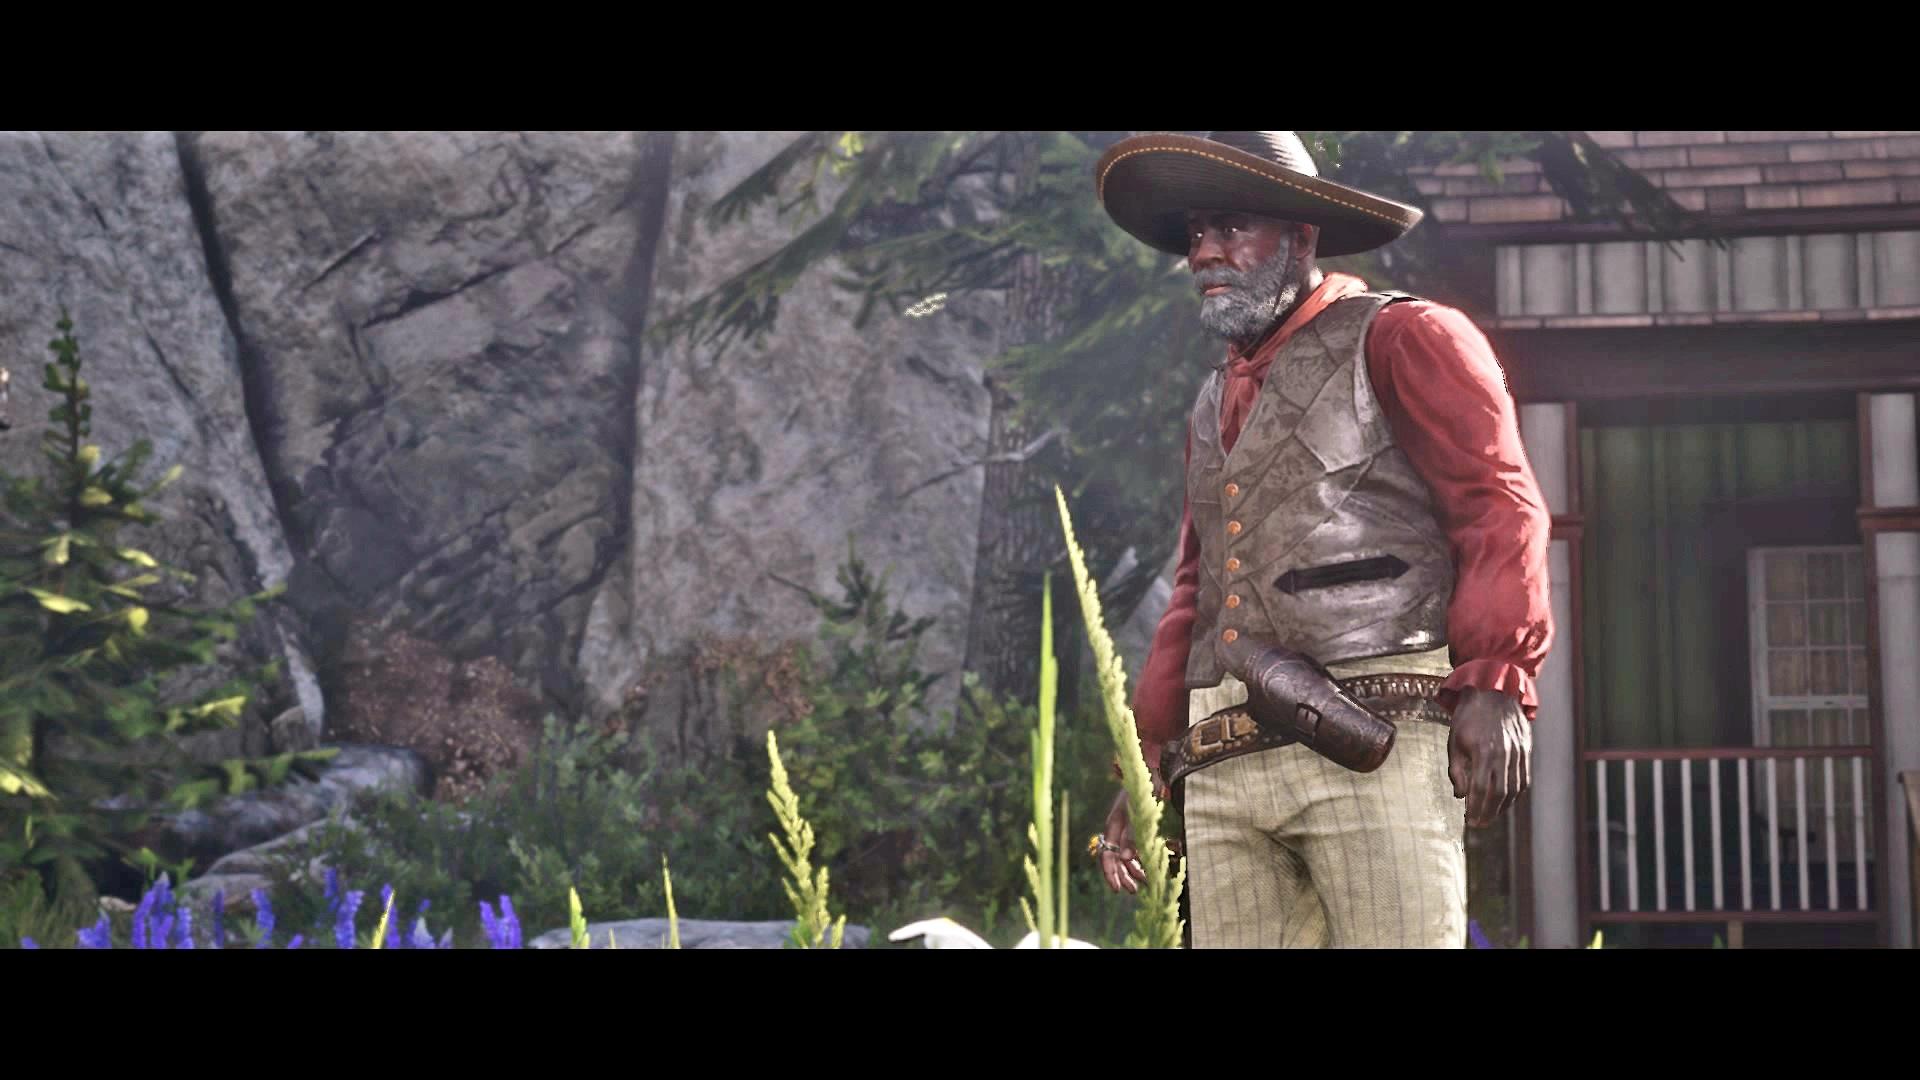 Red-Dead-Redemption-2-20200514125419.jpg